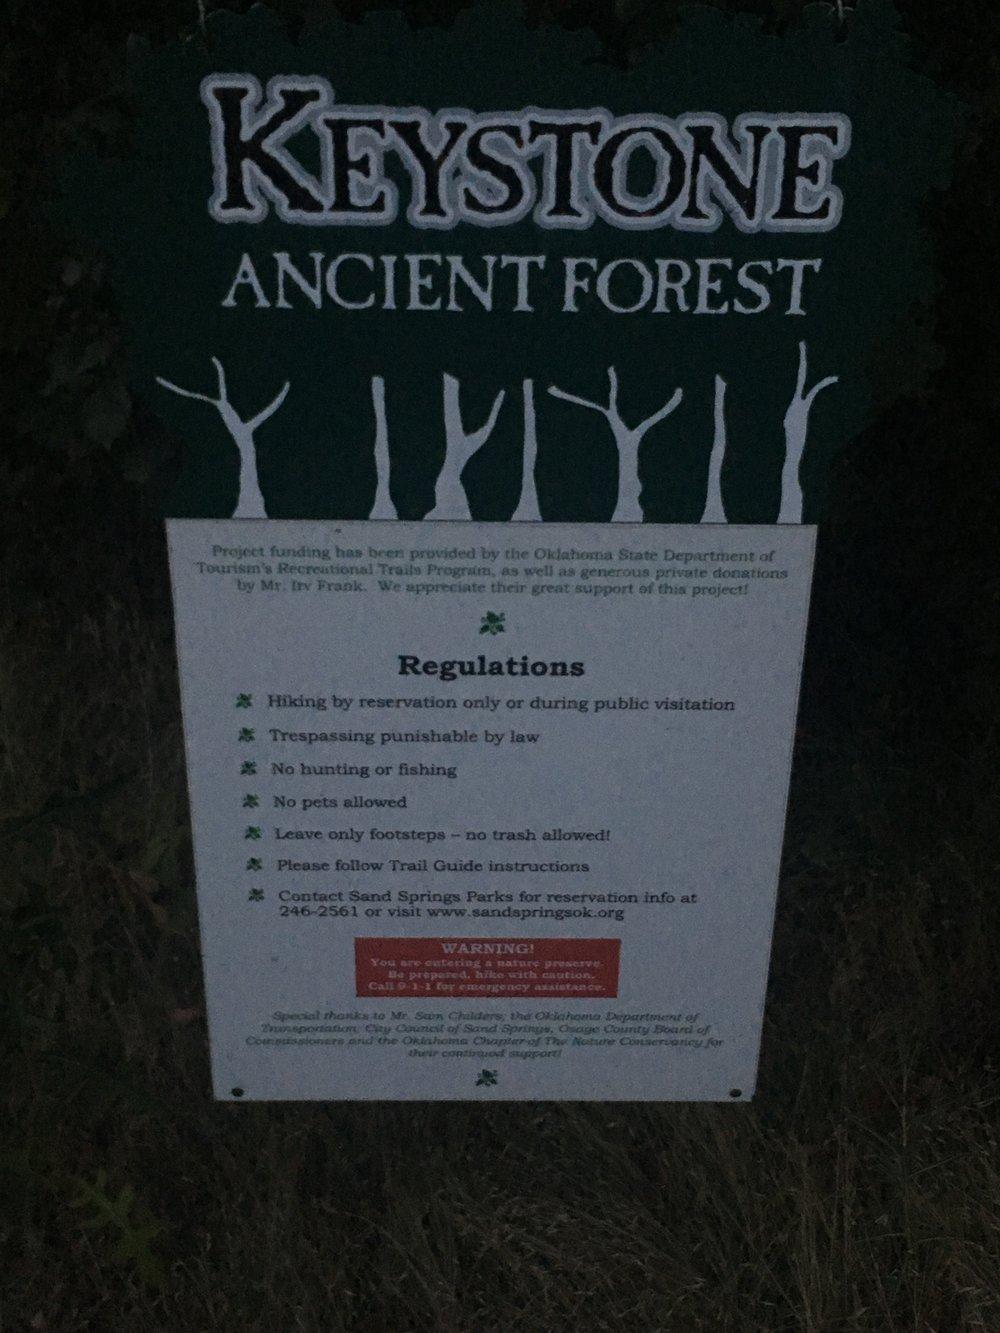 Keystone Ancient Forest 170729 (Scott Emigh) 015.jpg